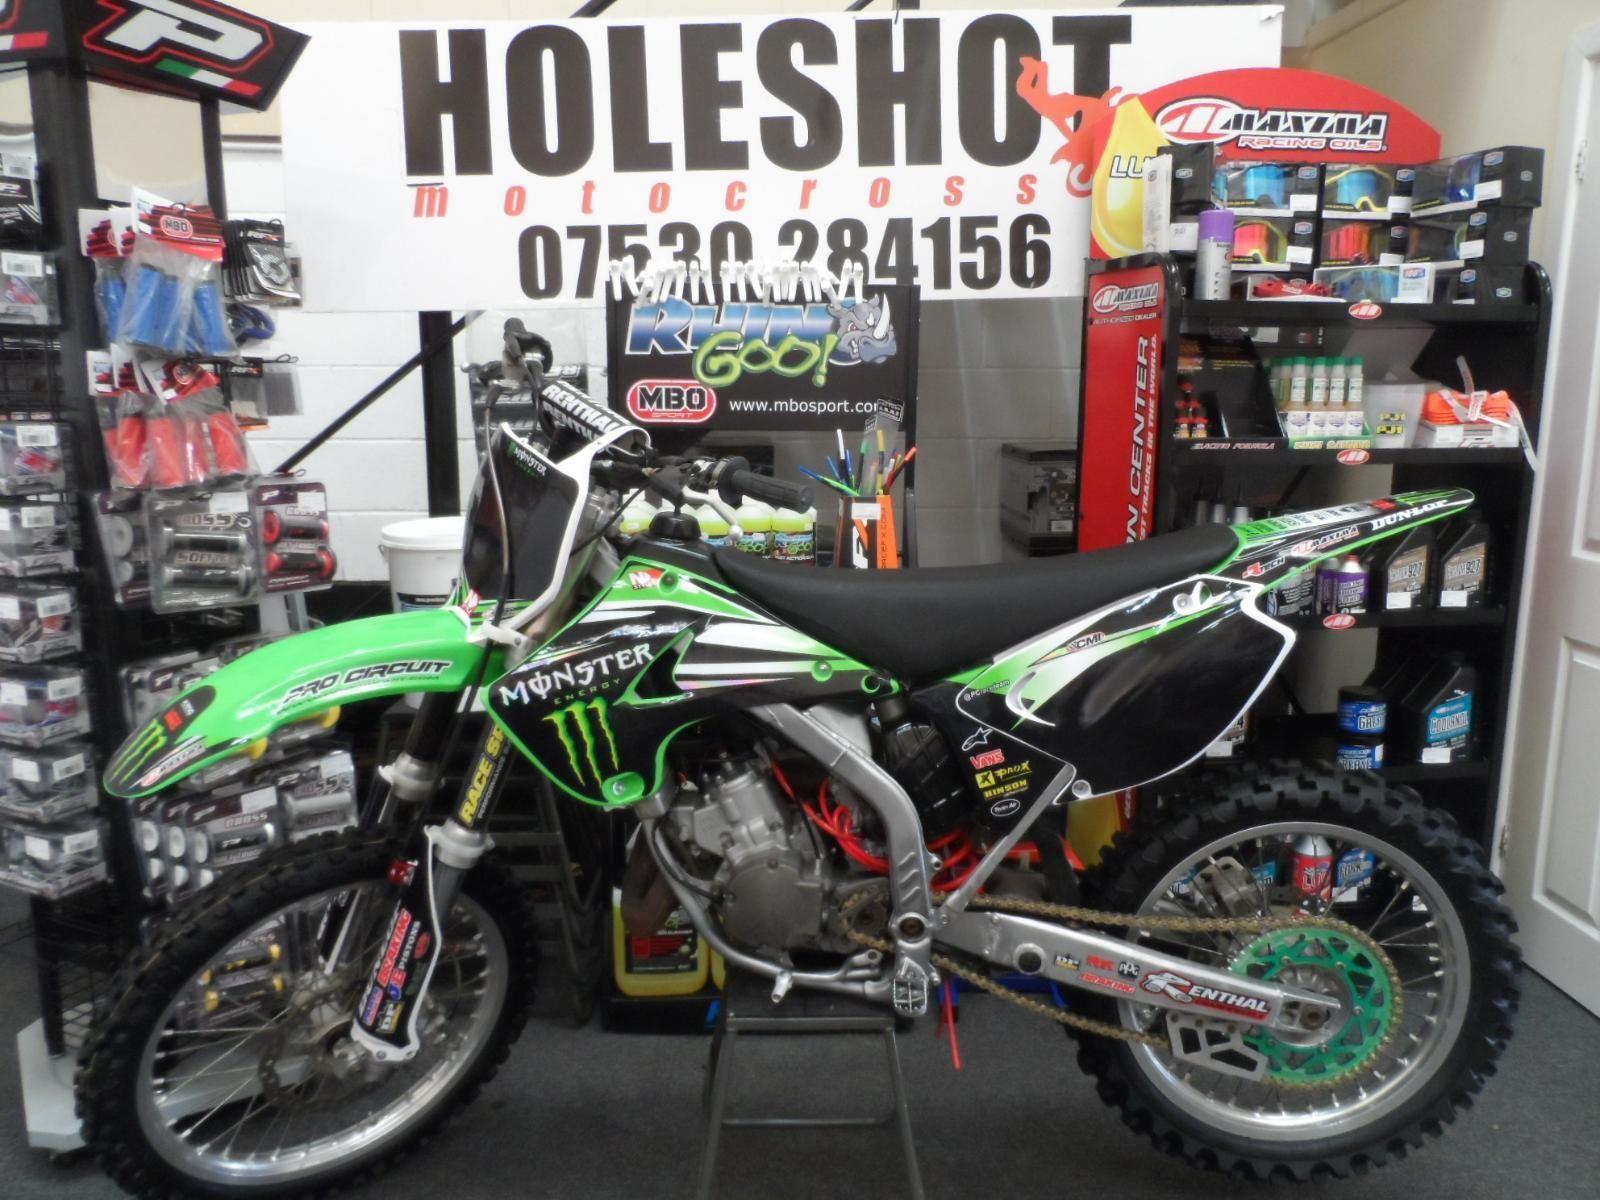 Kawasaki Kx 125 2006 Motocross Bike 2 Stroke Full Monster Energy